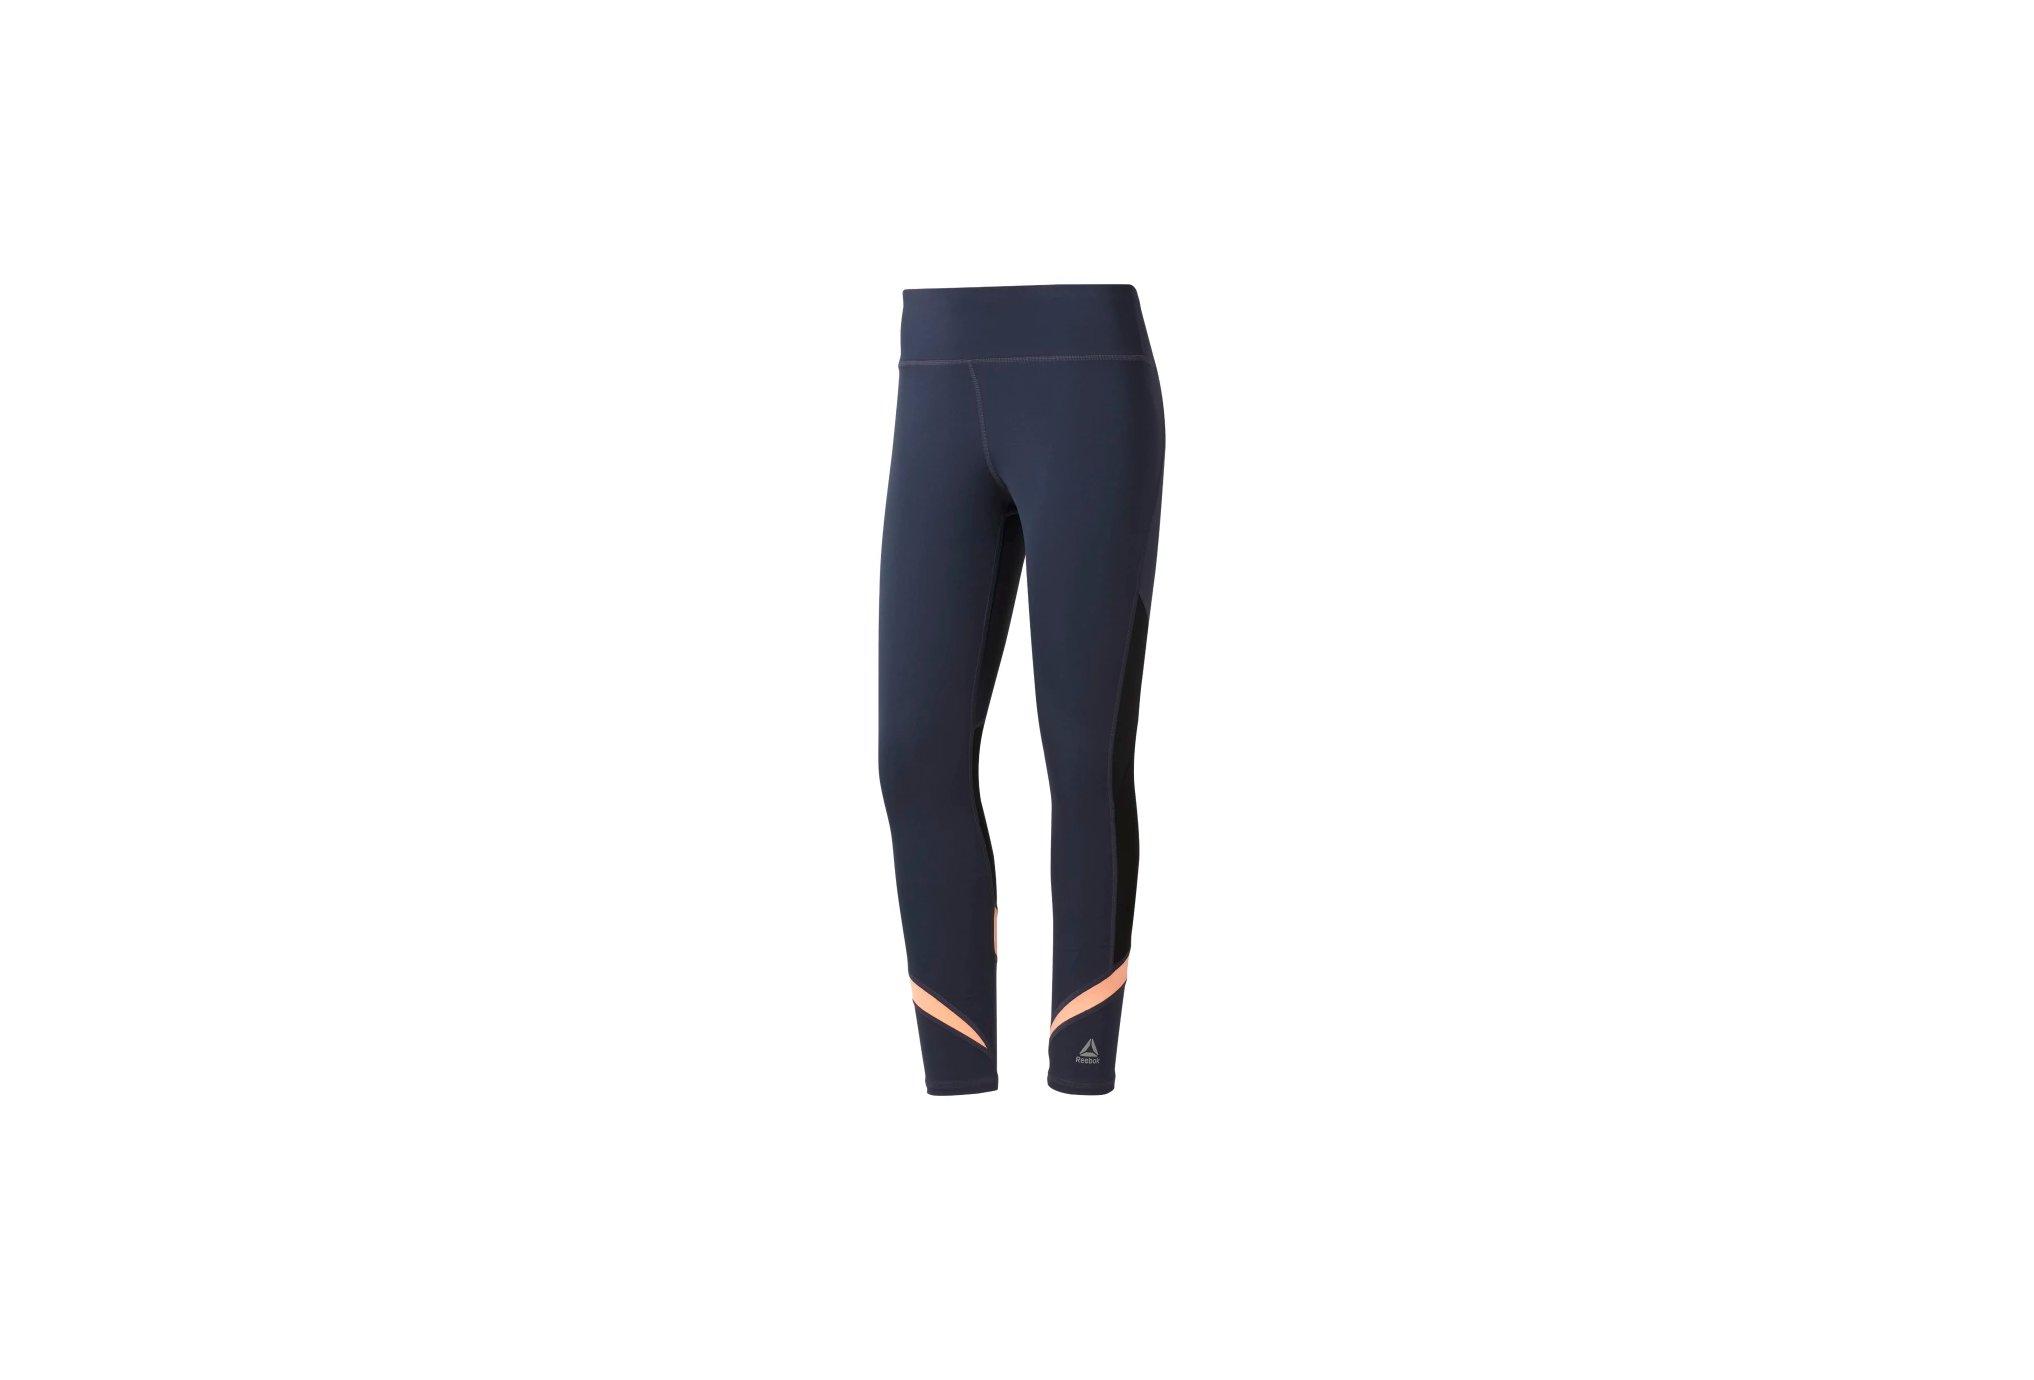 Reebok One Series 7/8 W vêtement running femme